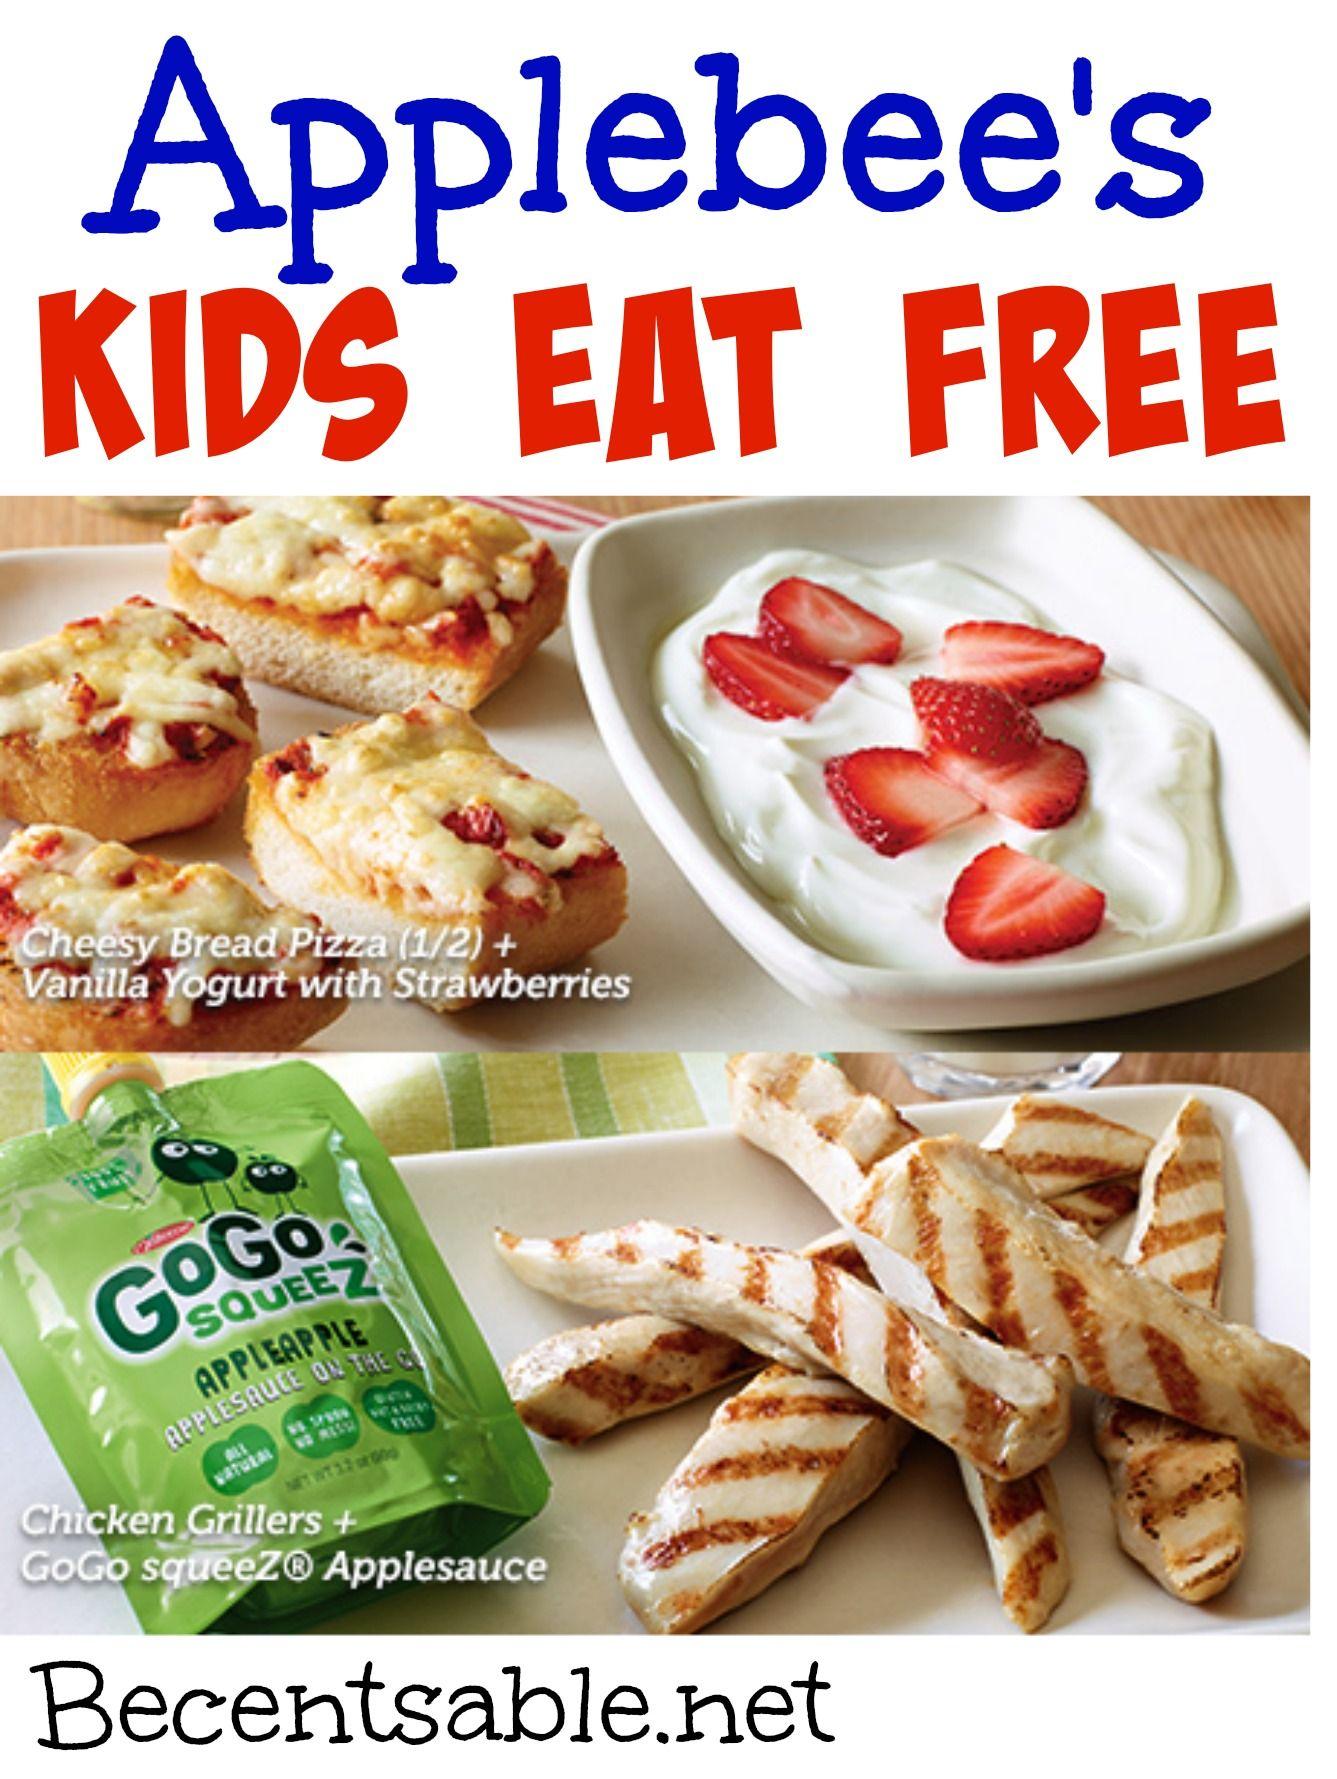 DO KIDS EAT FREE AT APPLEBEES